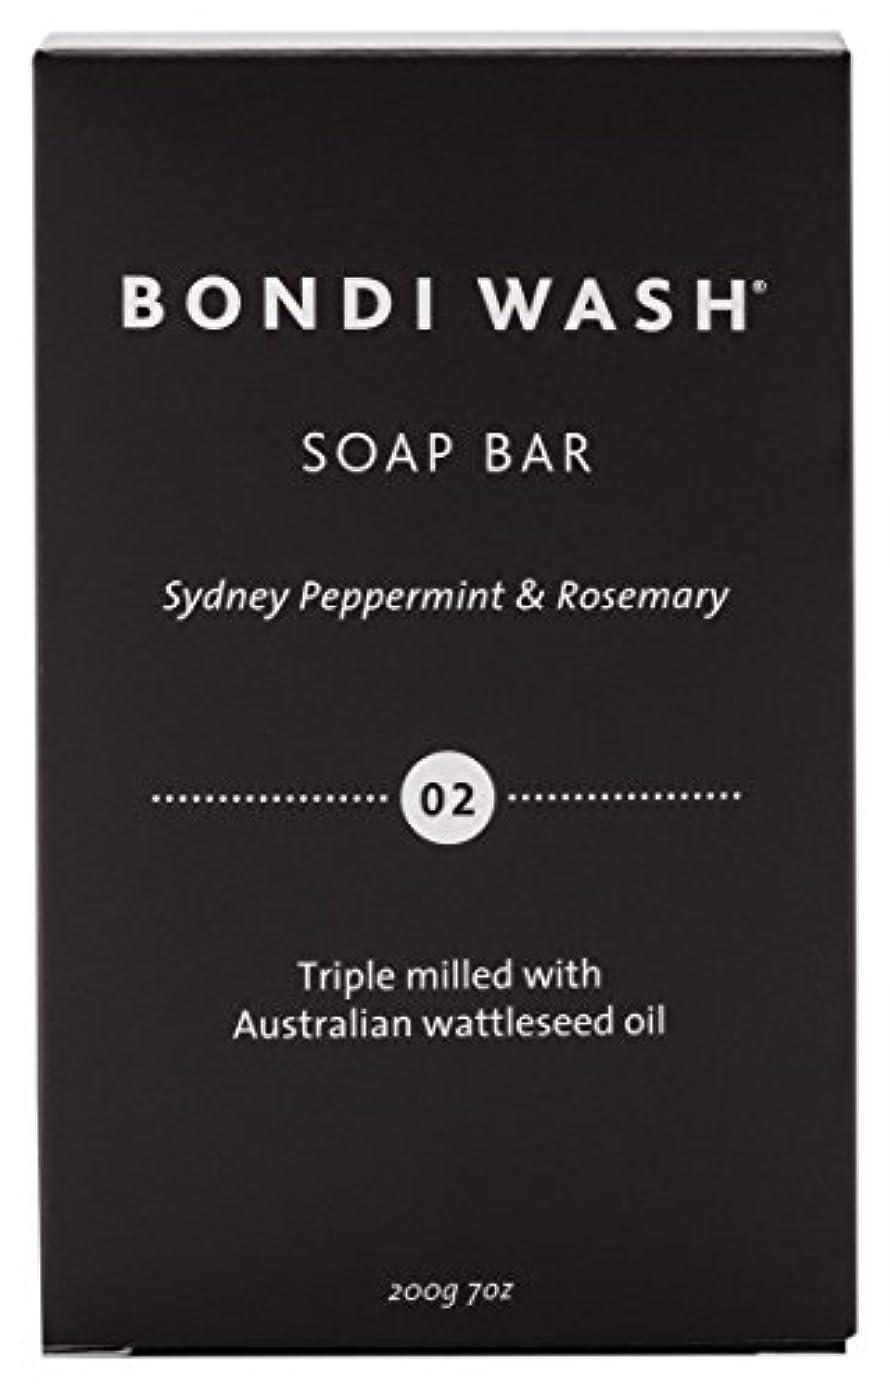 銀河示す説得力のあるBONDI WASH ソープバー(固形石鹸) シドニーペパーミント&ローズマリー 200g